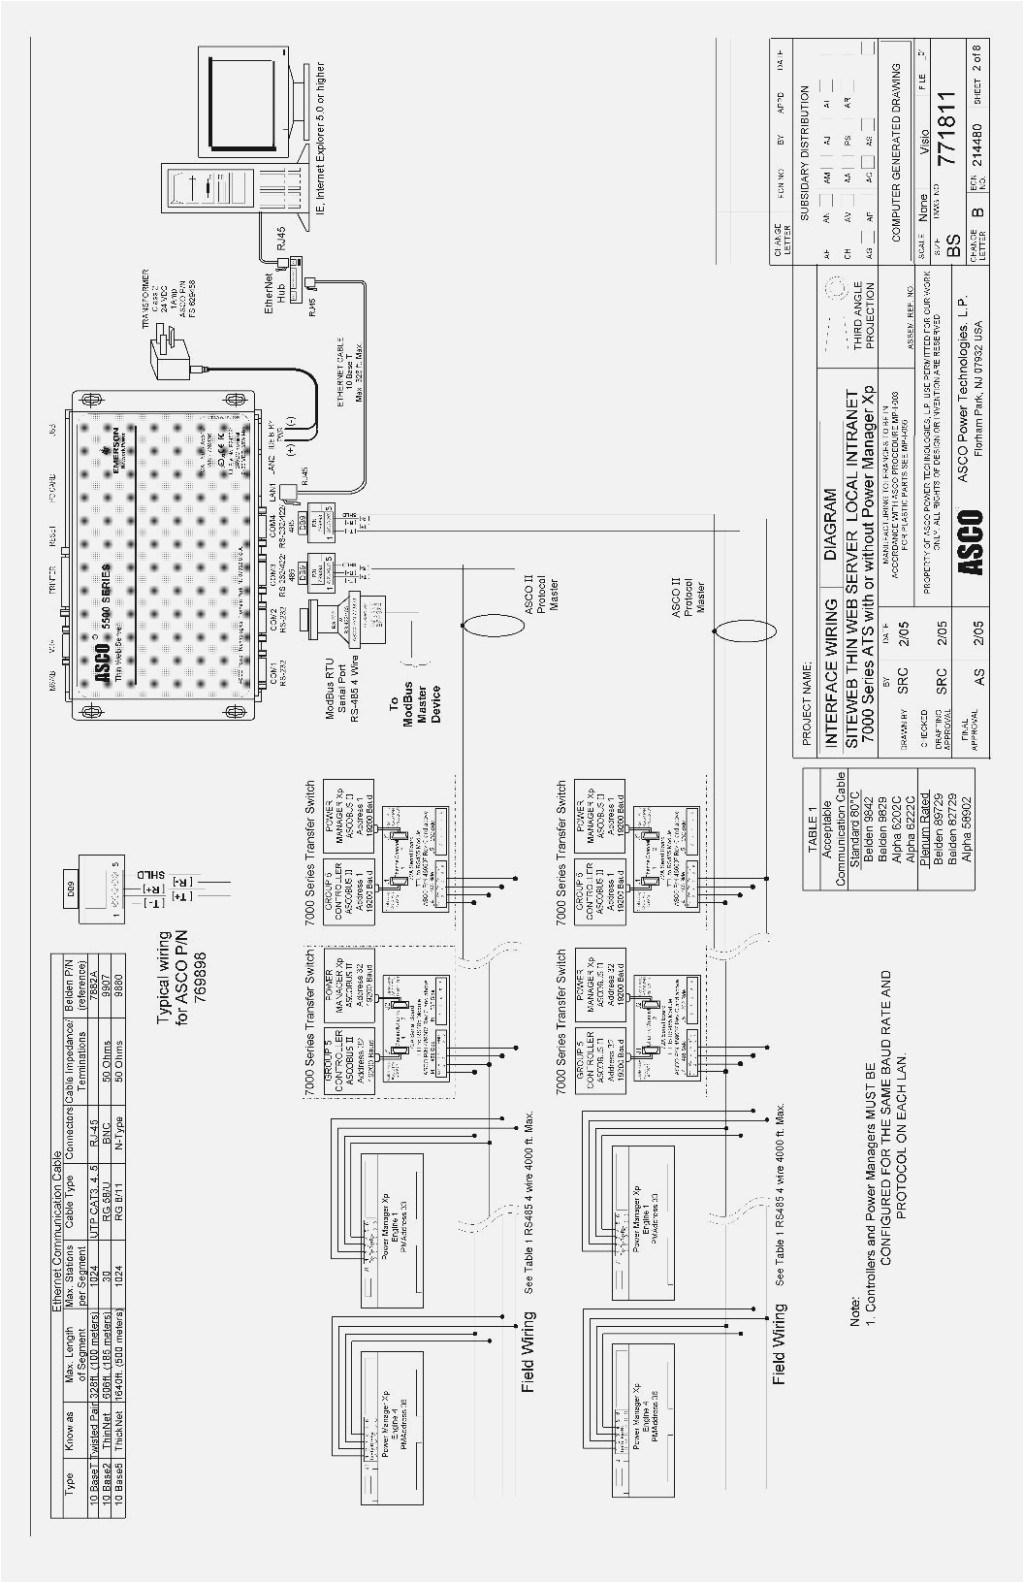 asco 7000 series wiring diagram wiring diagram asco ats wiring diagram